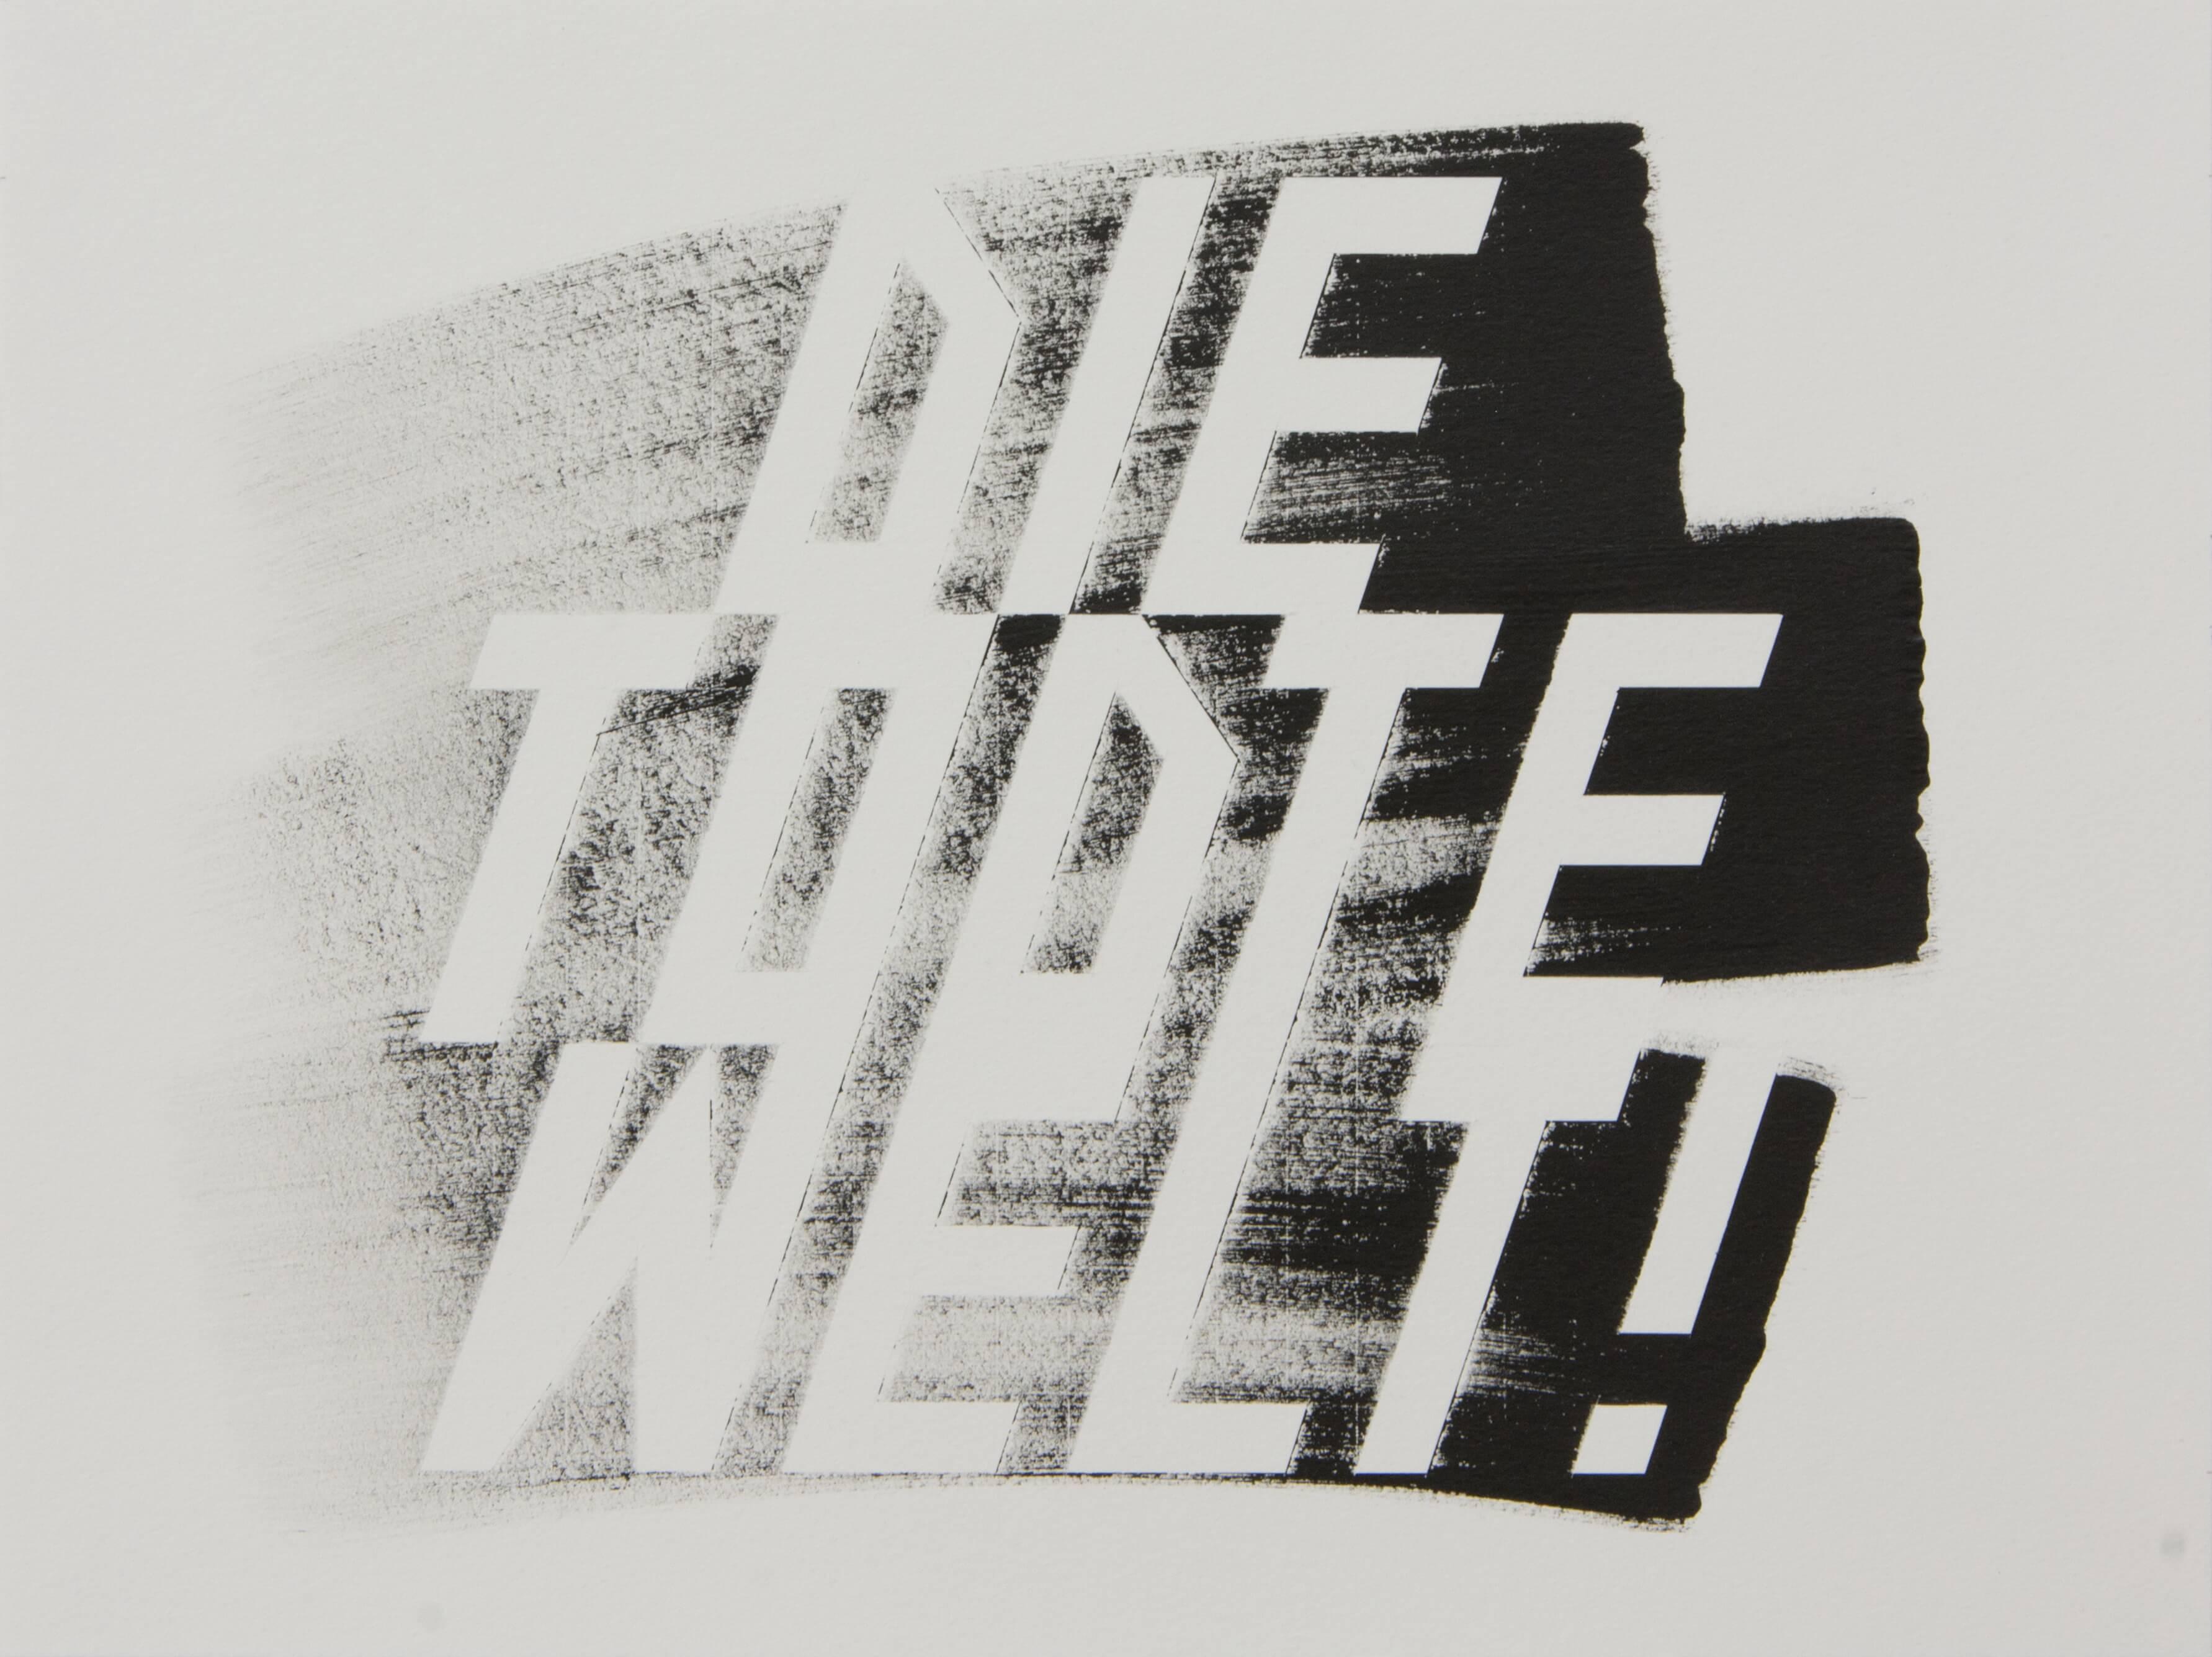 Lars Breuer Die todte Welt Aquarell Papierarbeit 2014 Addaux Artist Bielefeld Berlin Düsseldorf Grafik Schrift Galerie